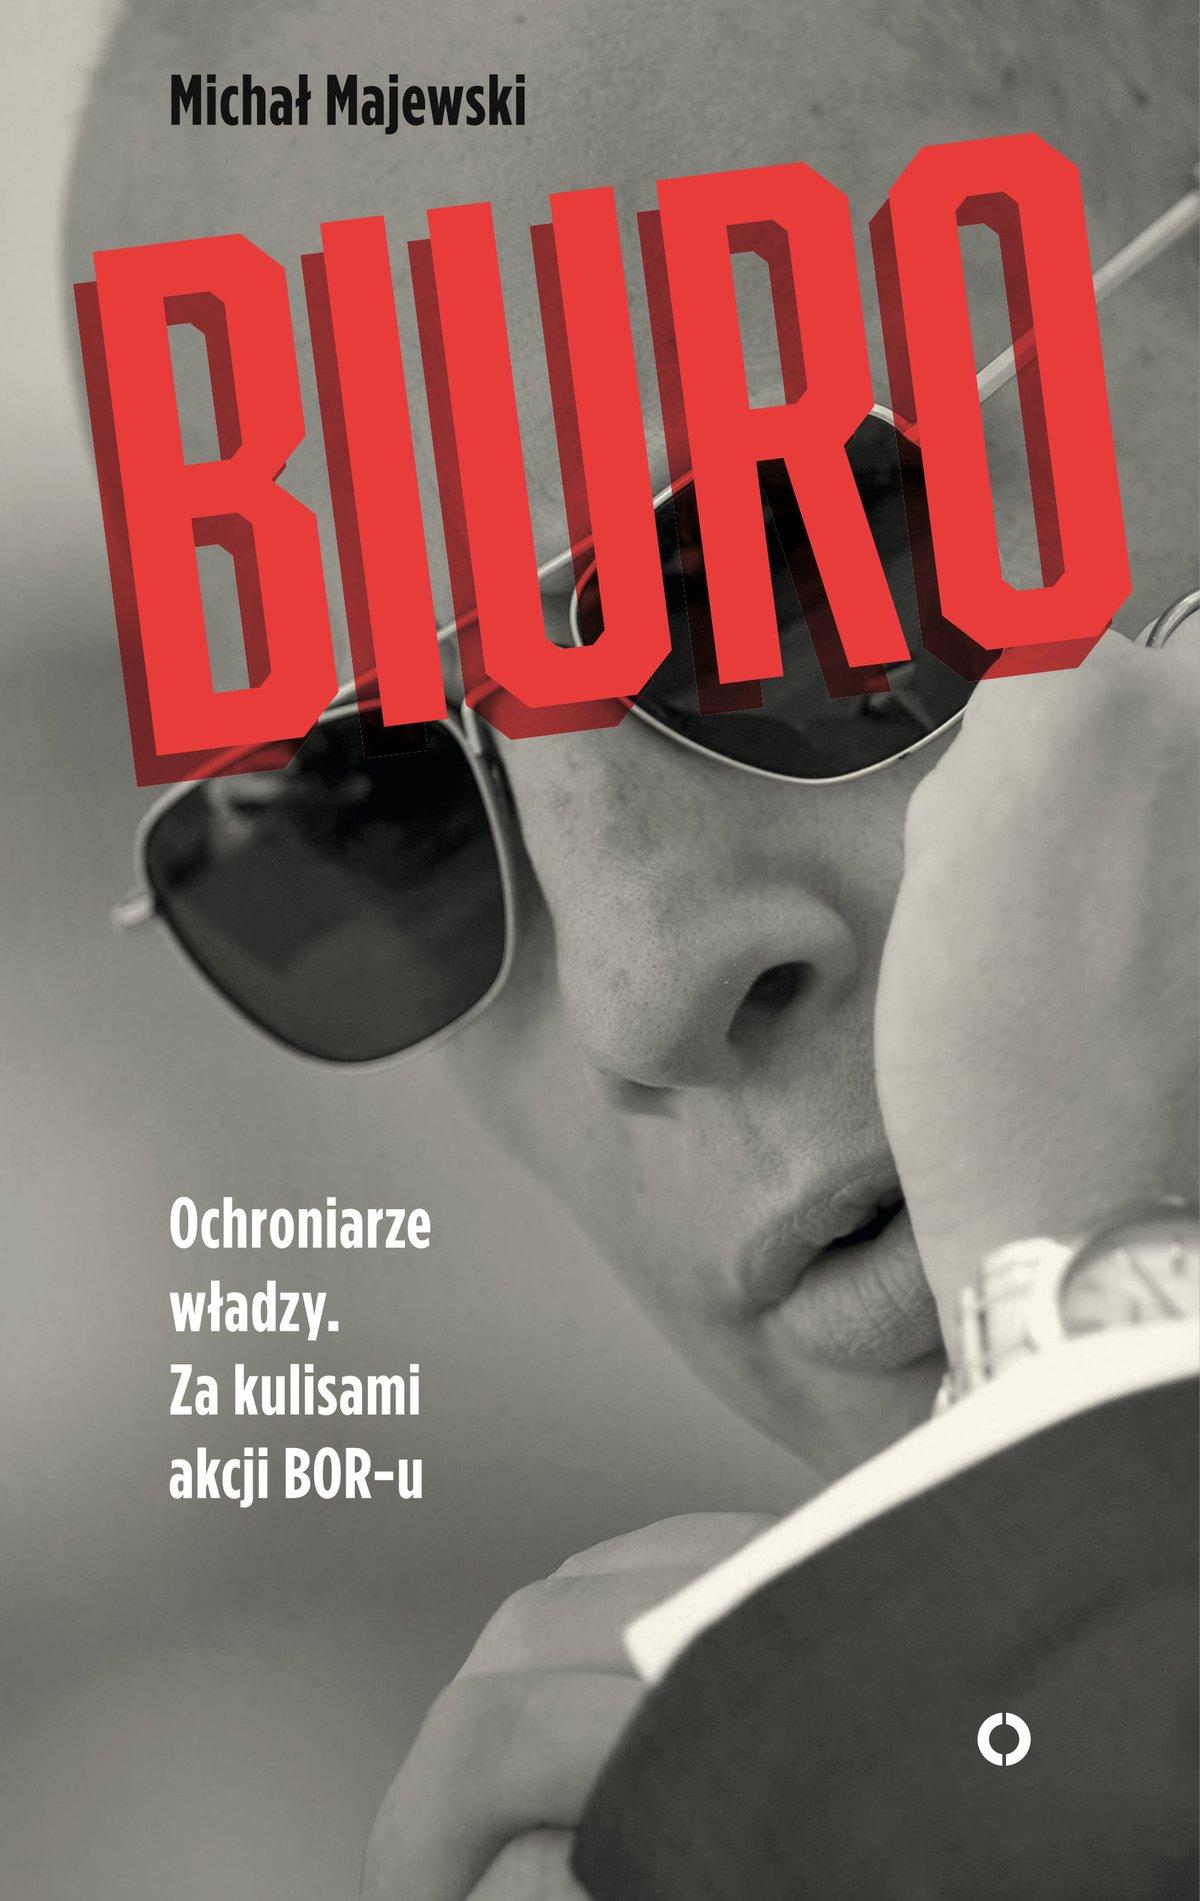 Biuro. Ochroniarze władzy. Za kulisami akcji BOR-u - Ebook (Książka EPUB) do pobrania w formacie EPUB